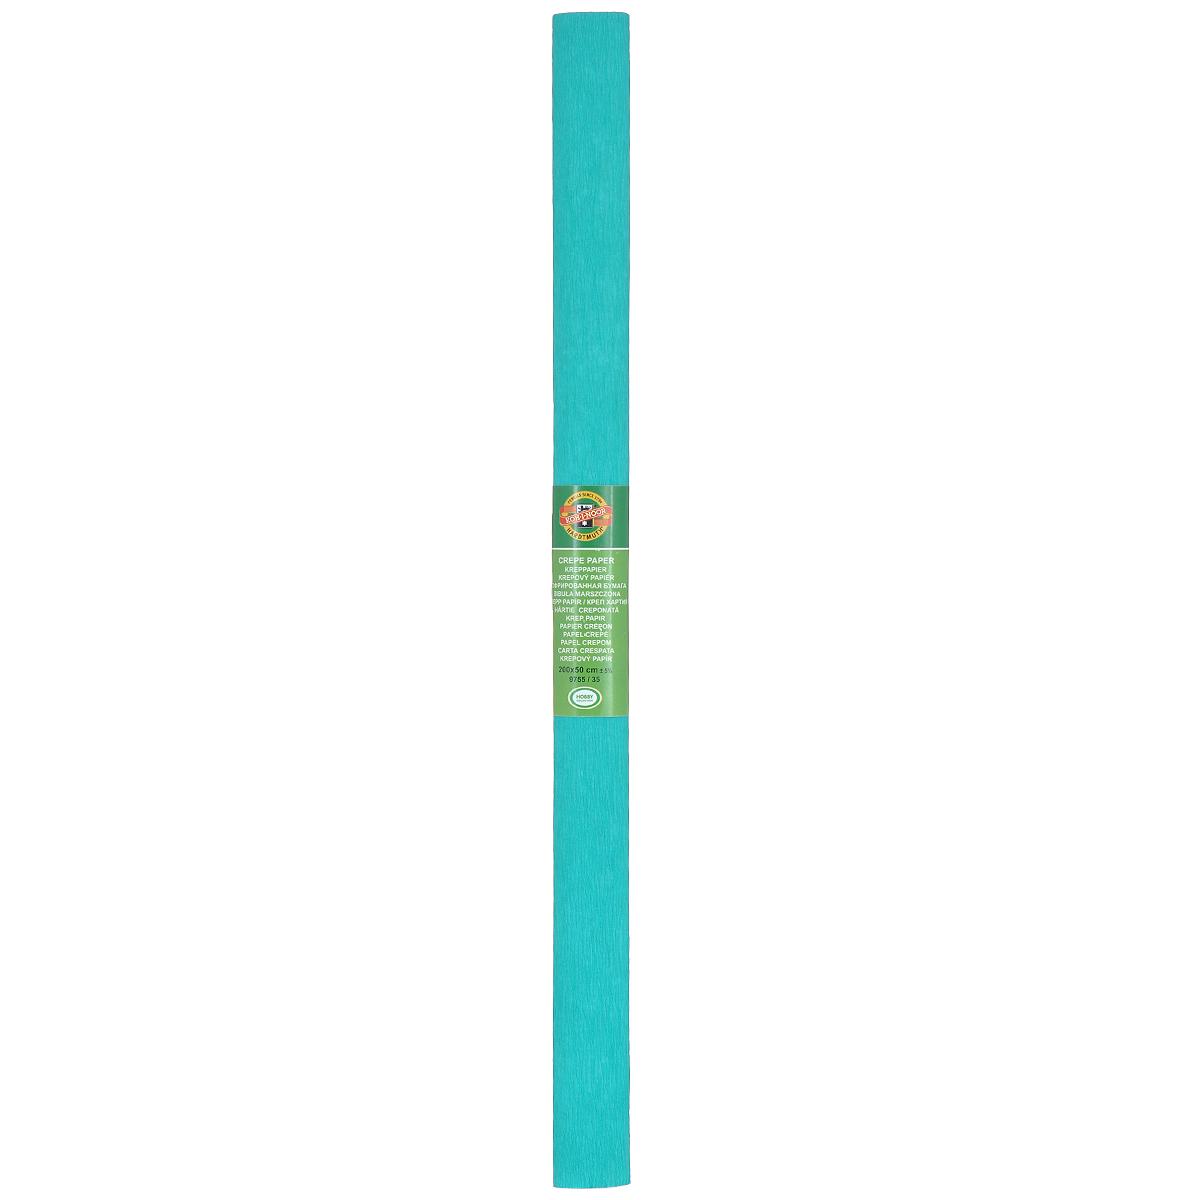 Бумага гофрированная Koh-I-Noor, цвет: бирюзовый, 50 см x 2 м9755/35Крепированная бумага Koh-I-Noor - прекрасный материал для декорирования, изготовления эффектной упаковки и различных поделок. Бумага прекрасно держит форму, не пачкает руки, отлично крепится и замечательно подходит для изготовления праздничной упаковки для цветов.